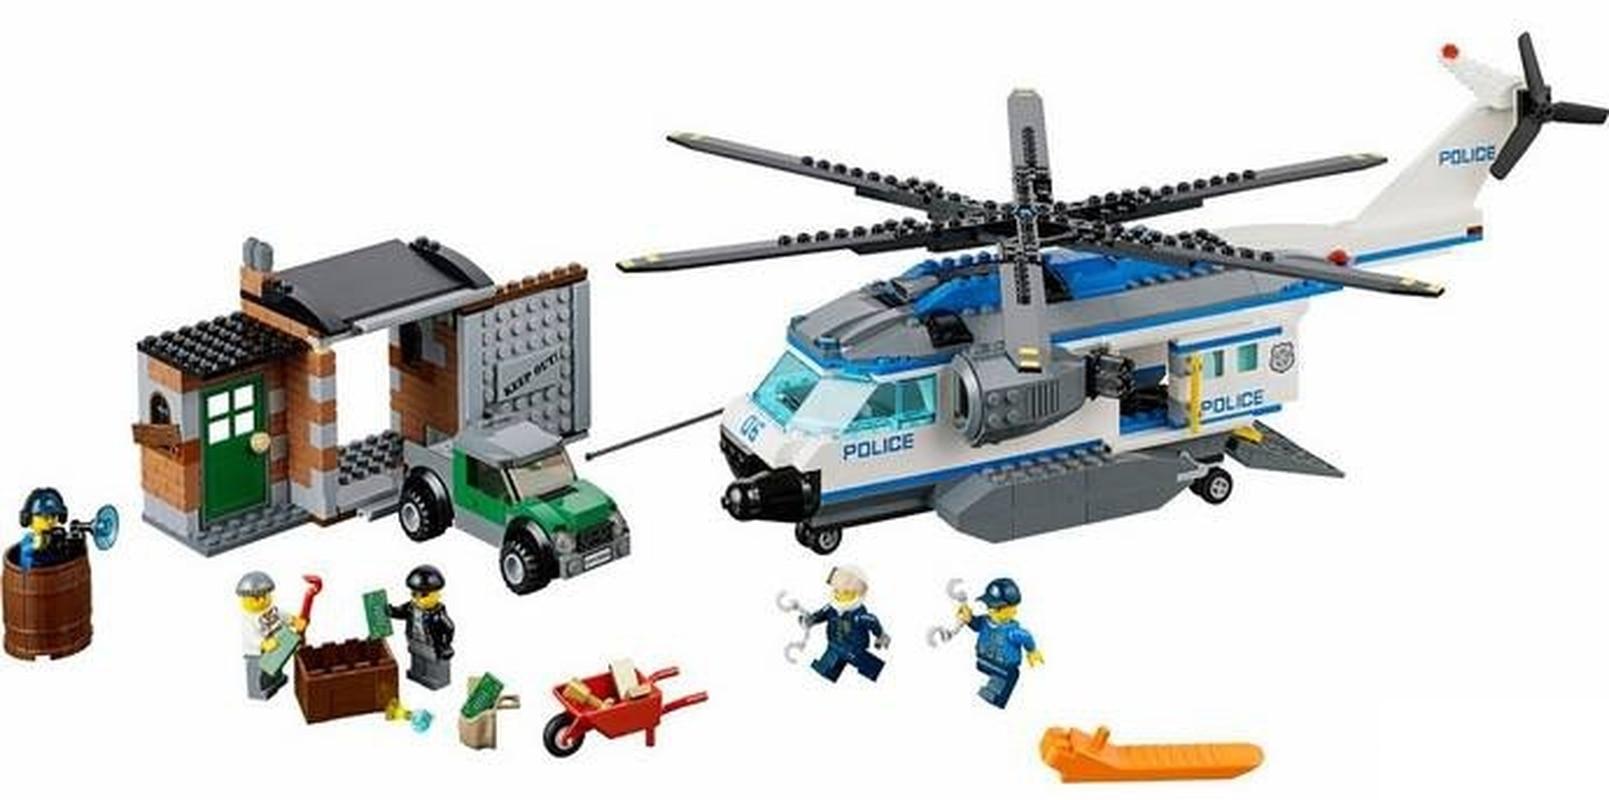 BELA 10423 Compatible Legoings City Helicopter Surveillance 60046 Building Blocks Figure Educational Toys For Children laete 60046 2